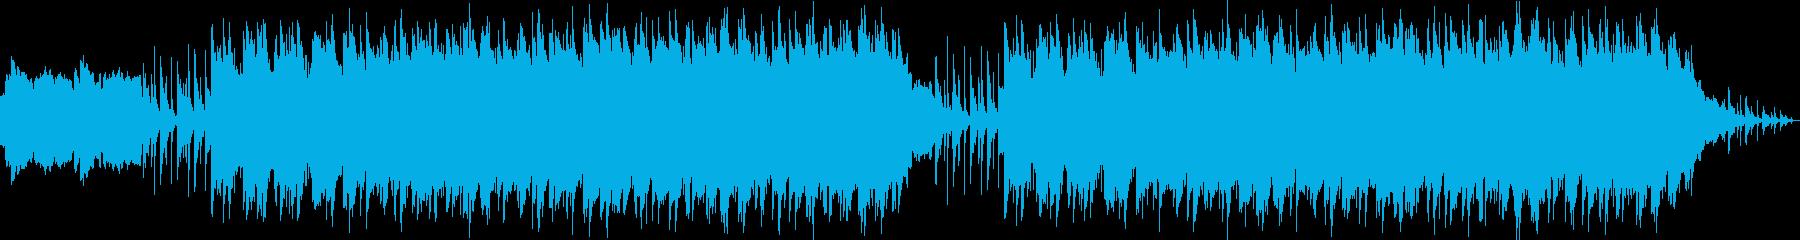 ファンタジーRPGの廃墟をイメージした曲の再生済みの波形